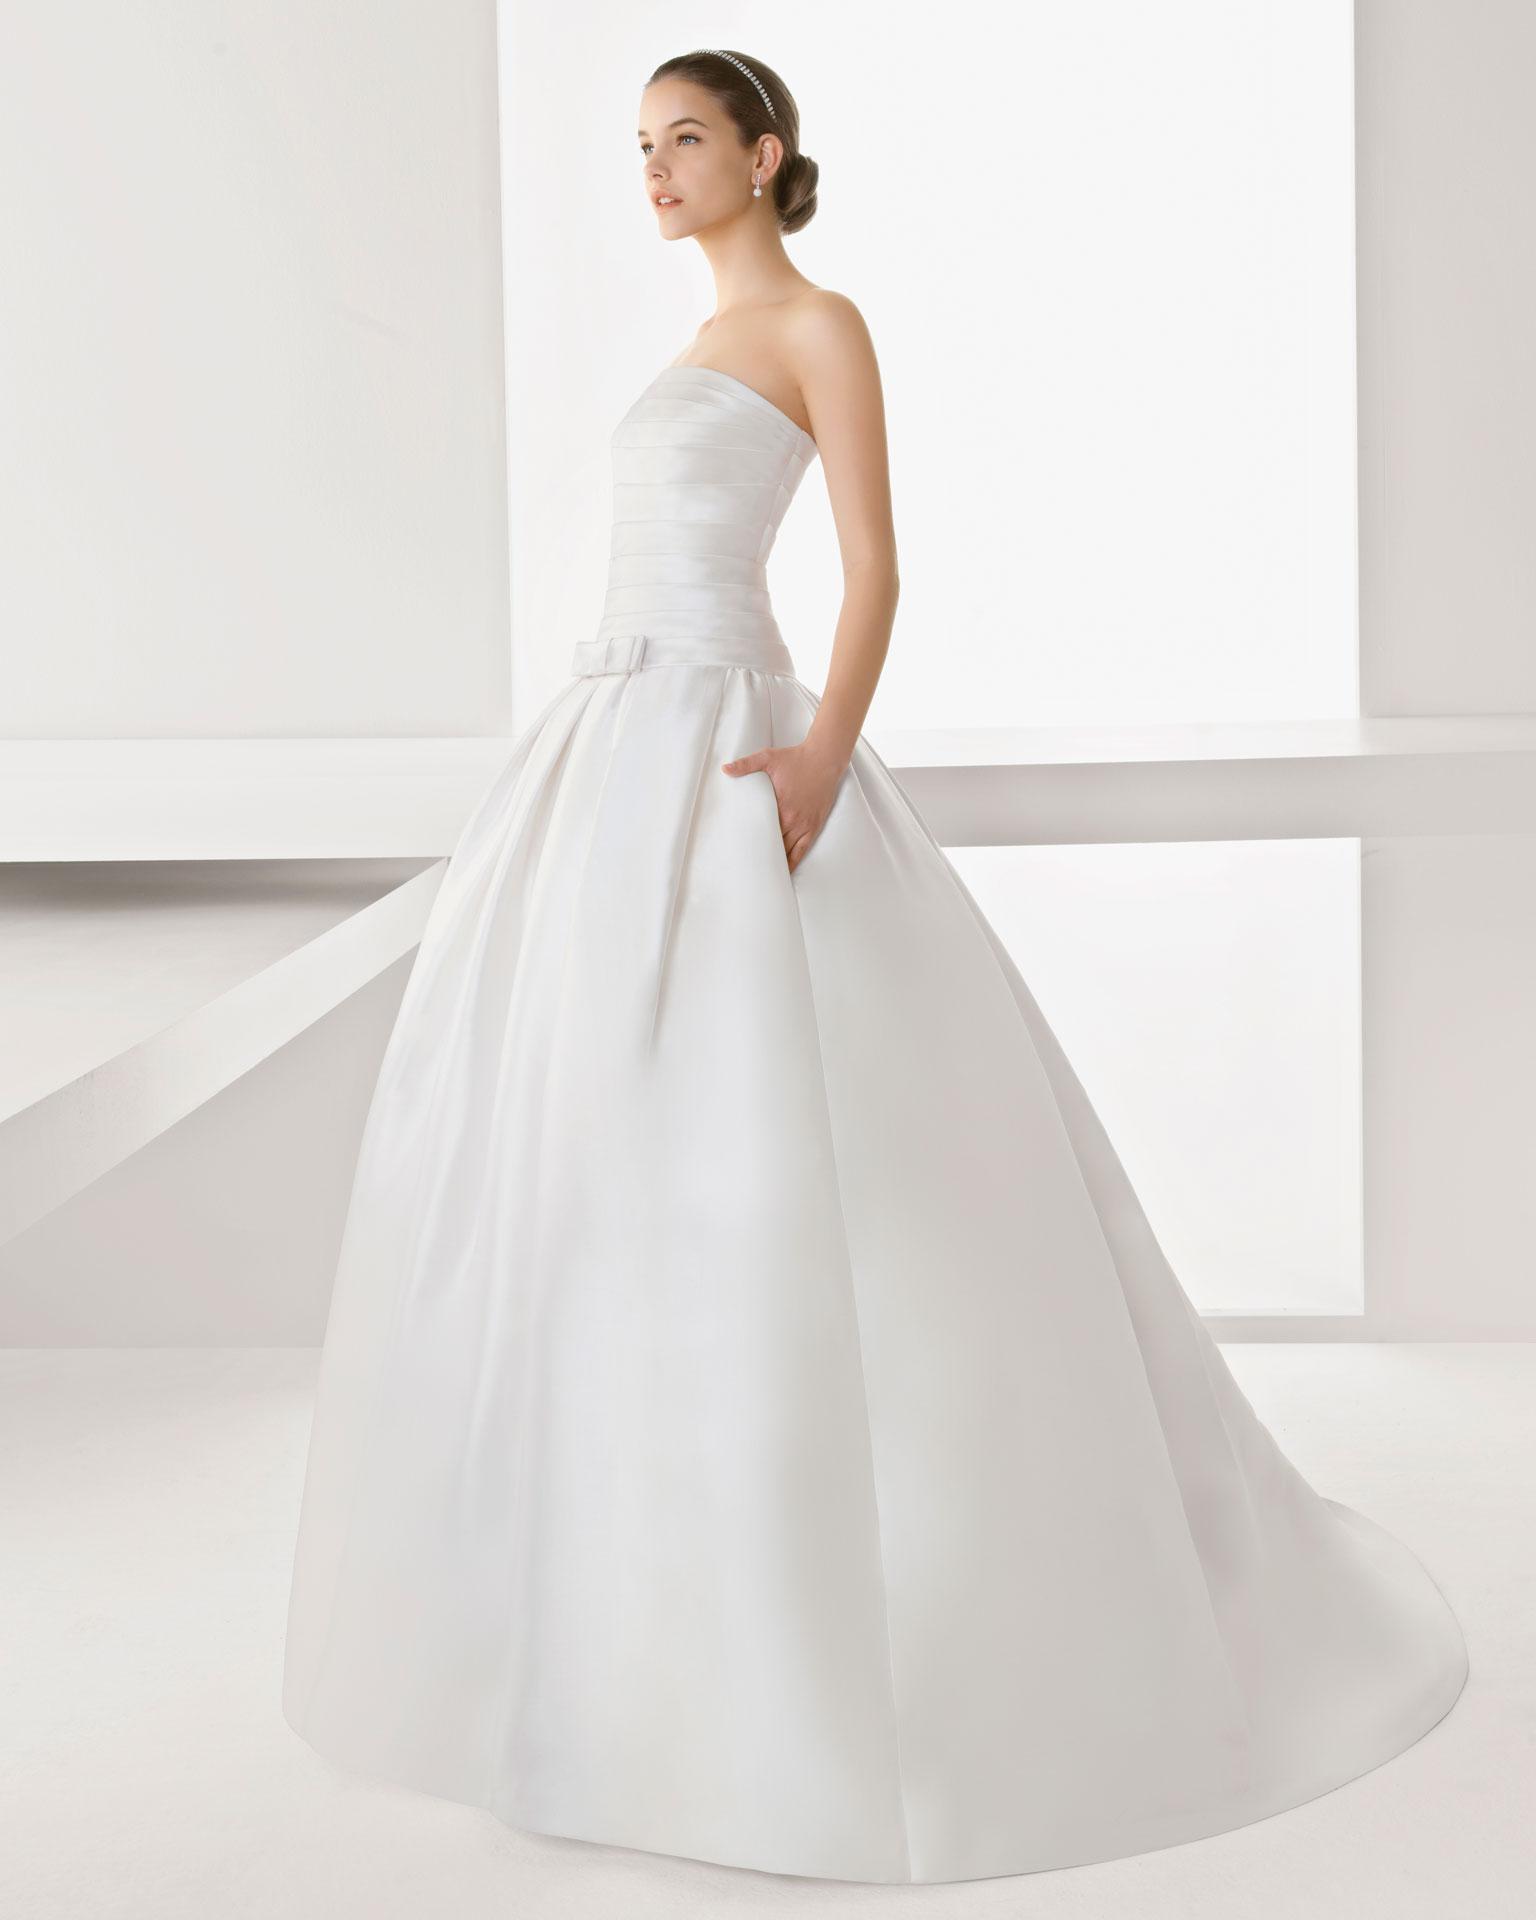 Modisches langes weißes Brautkleider